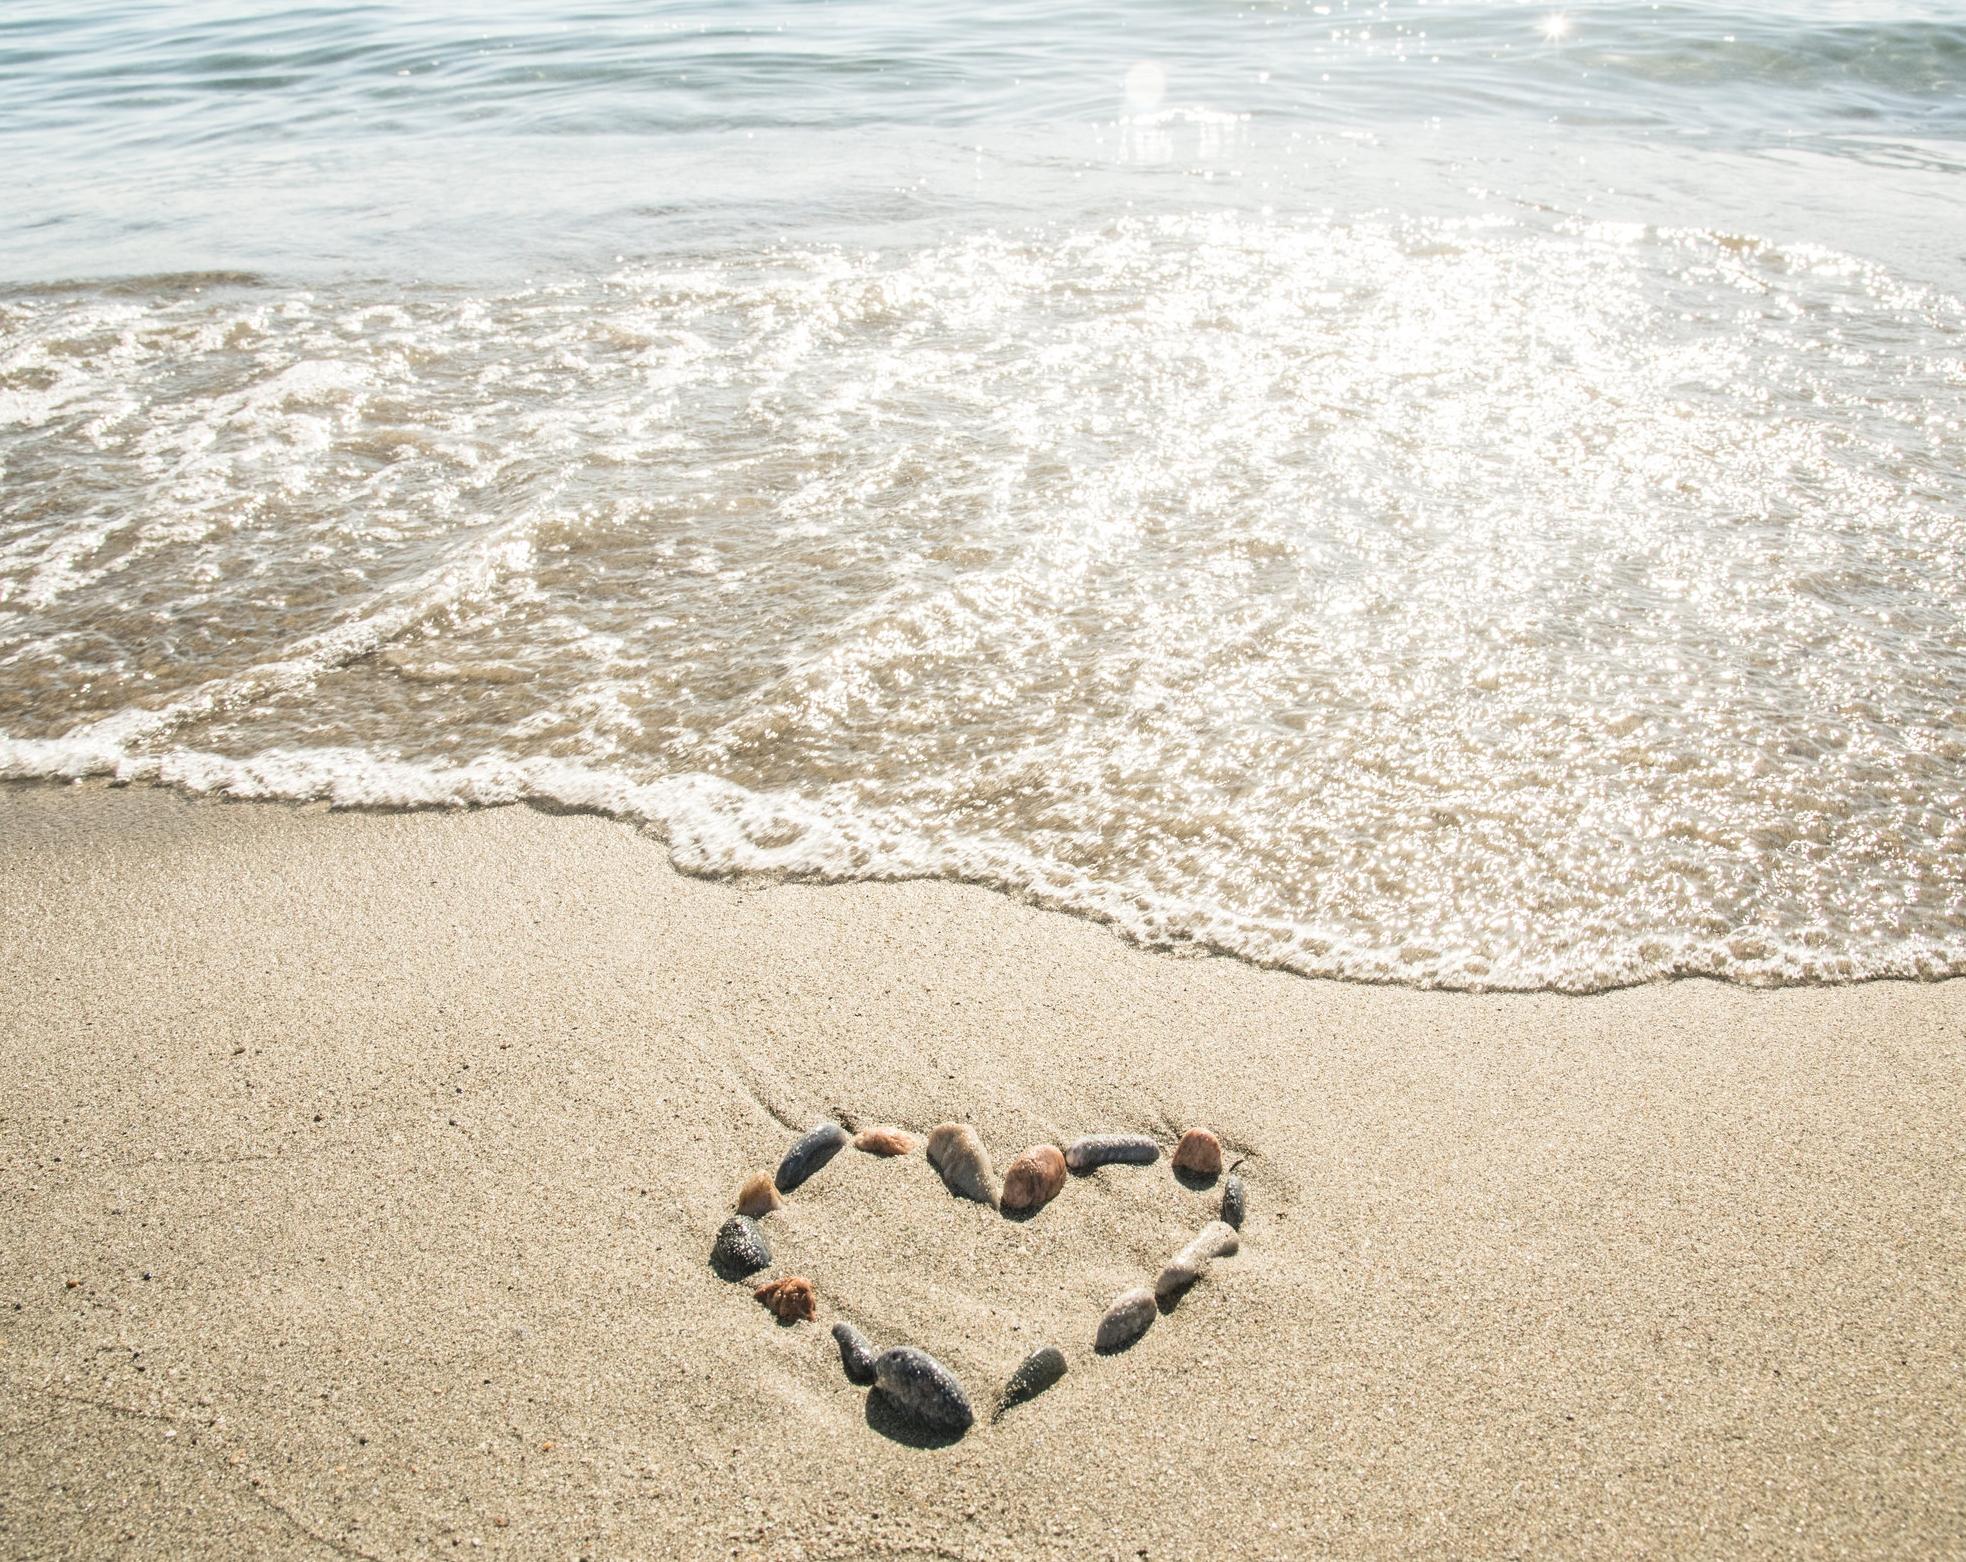 Shells on Sand.jpg